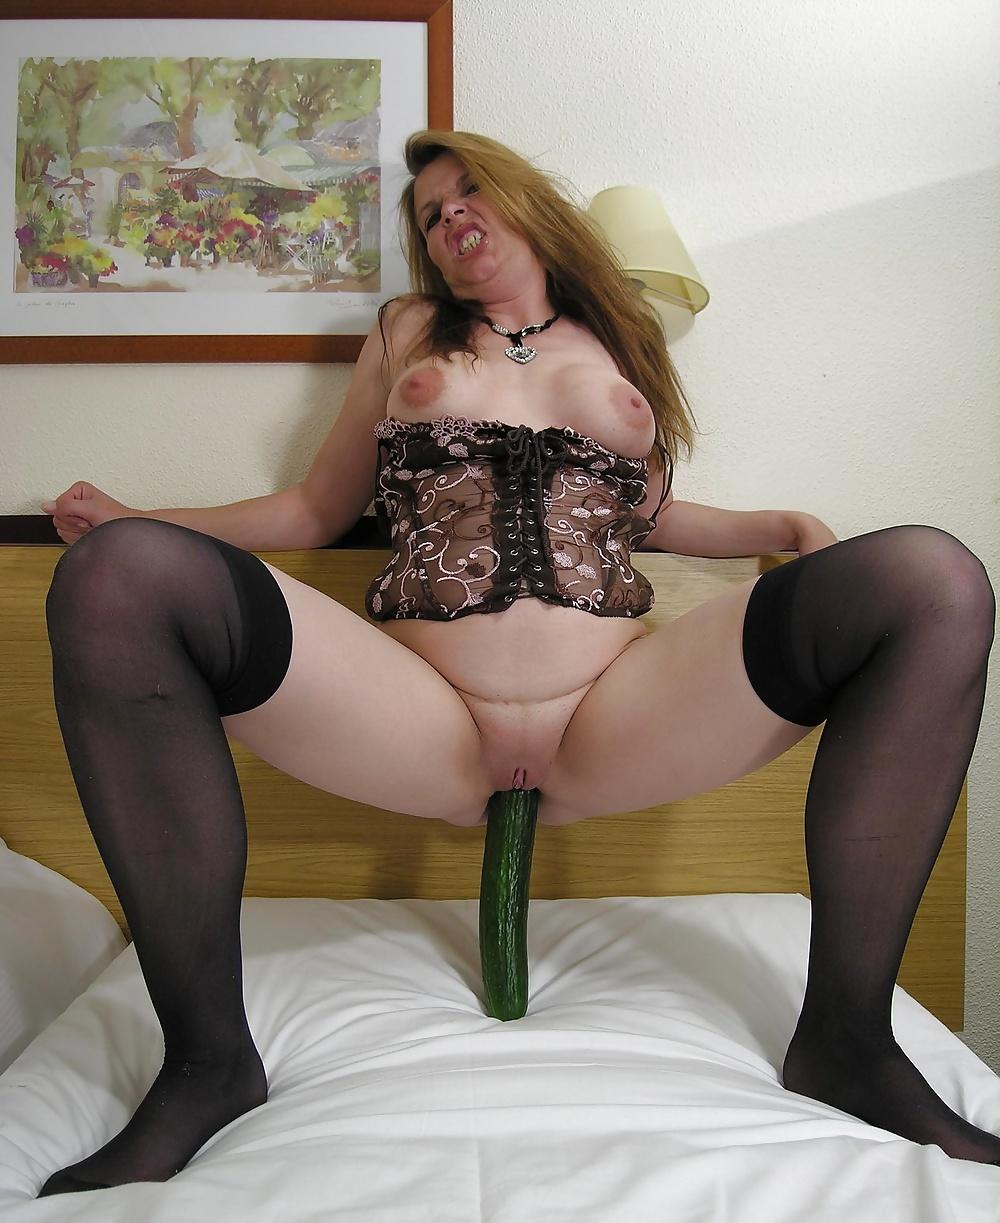 Äldre kvinnor gör sex med gurka eller banan